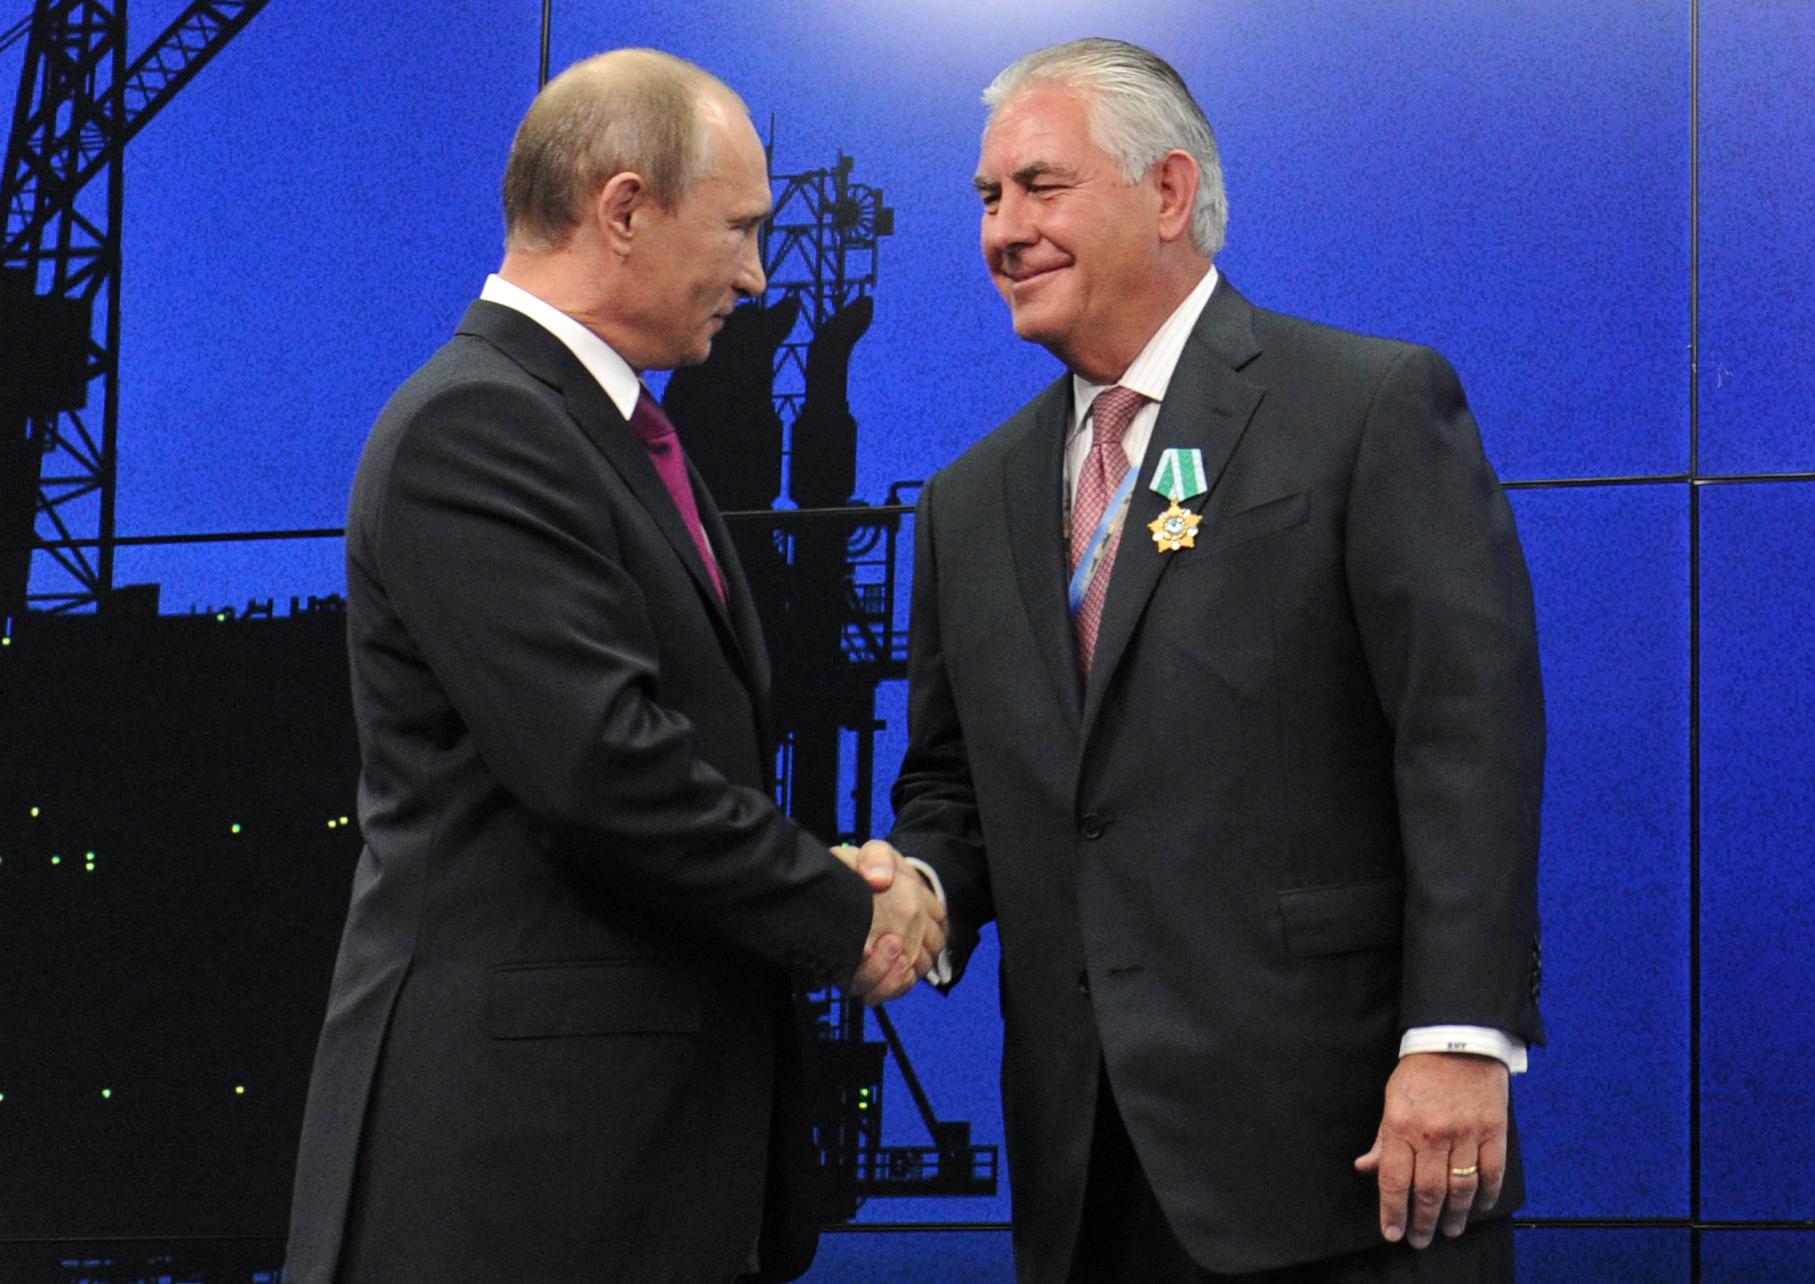 Image for Rhetoric Isn't Working: Trump Needs to Speak with Putin